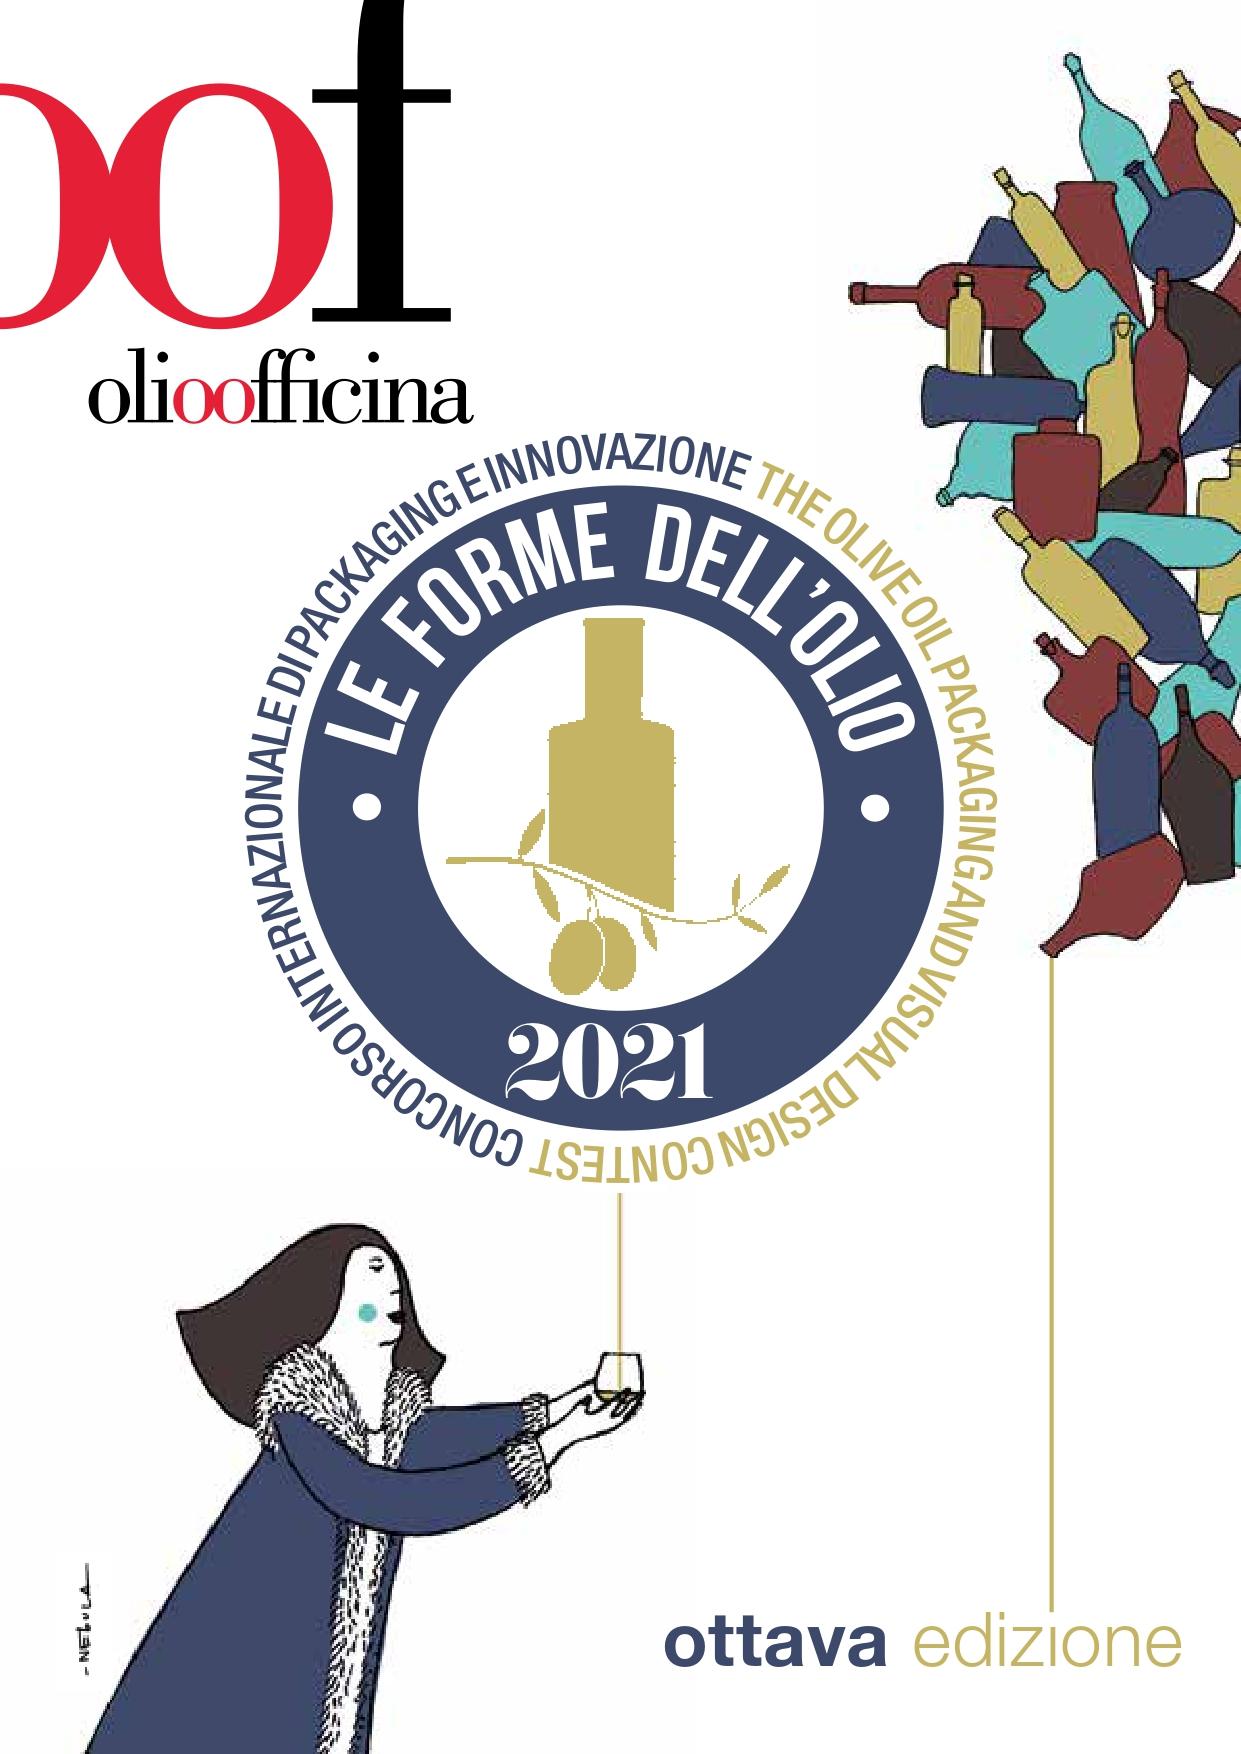 Le Forme dell'Olio 2021. Al via l'ottava edizione del concorso internazionale di packaging, innovazione e design